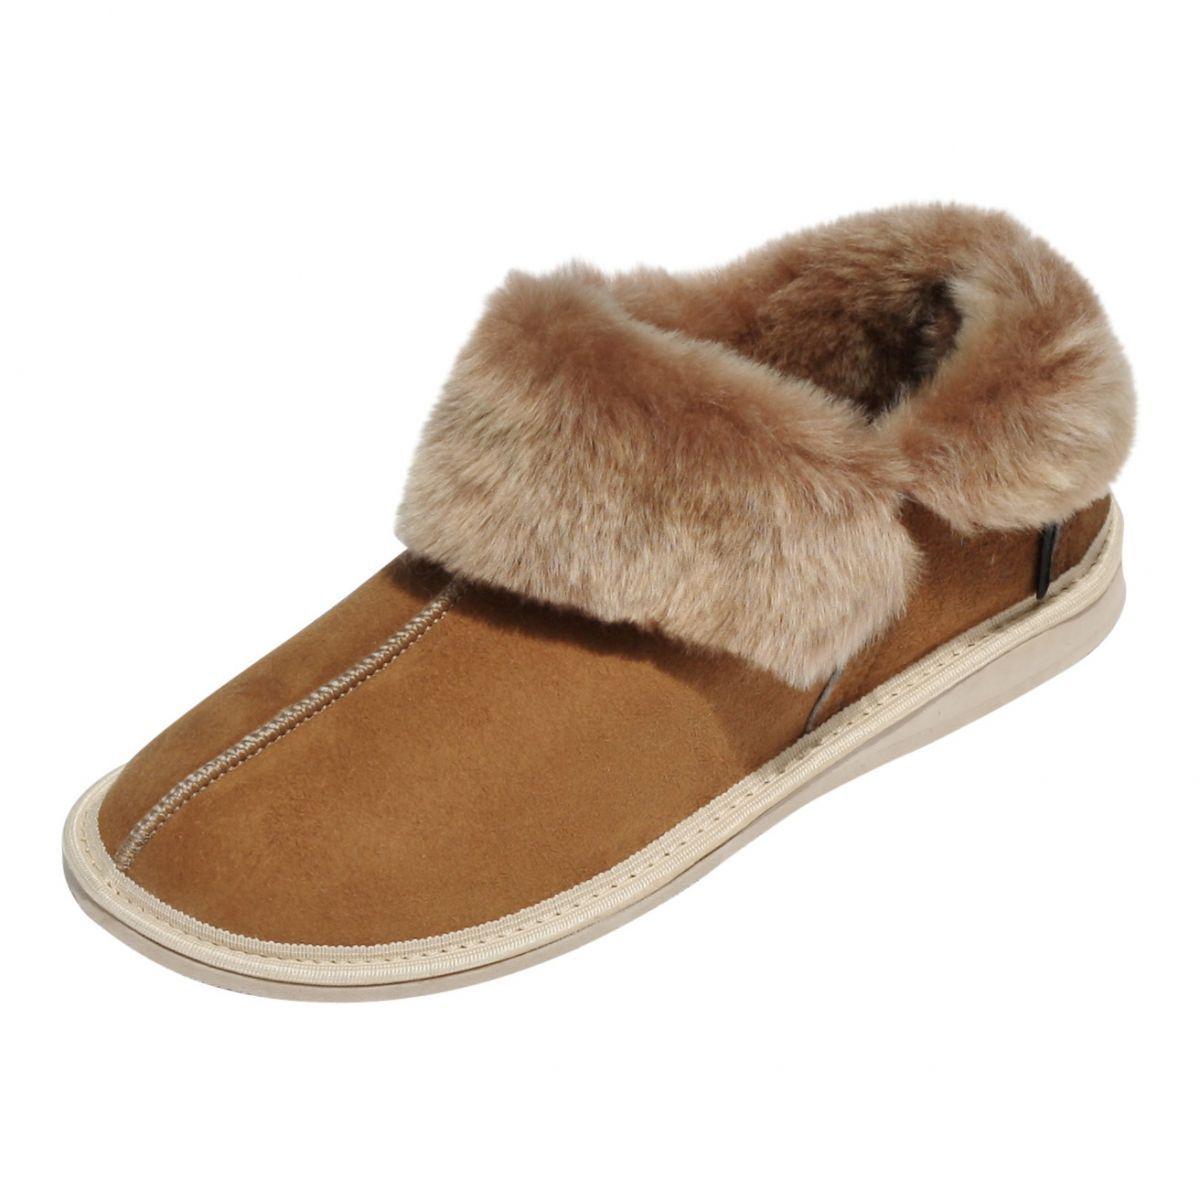 Pelle di pecora cuoio Pantofole Canada Donna   pelliccia cuoio pecora marrone 5a6c8f